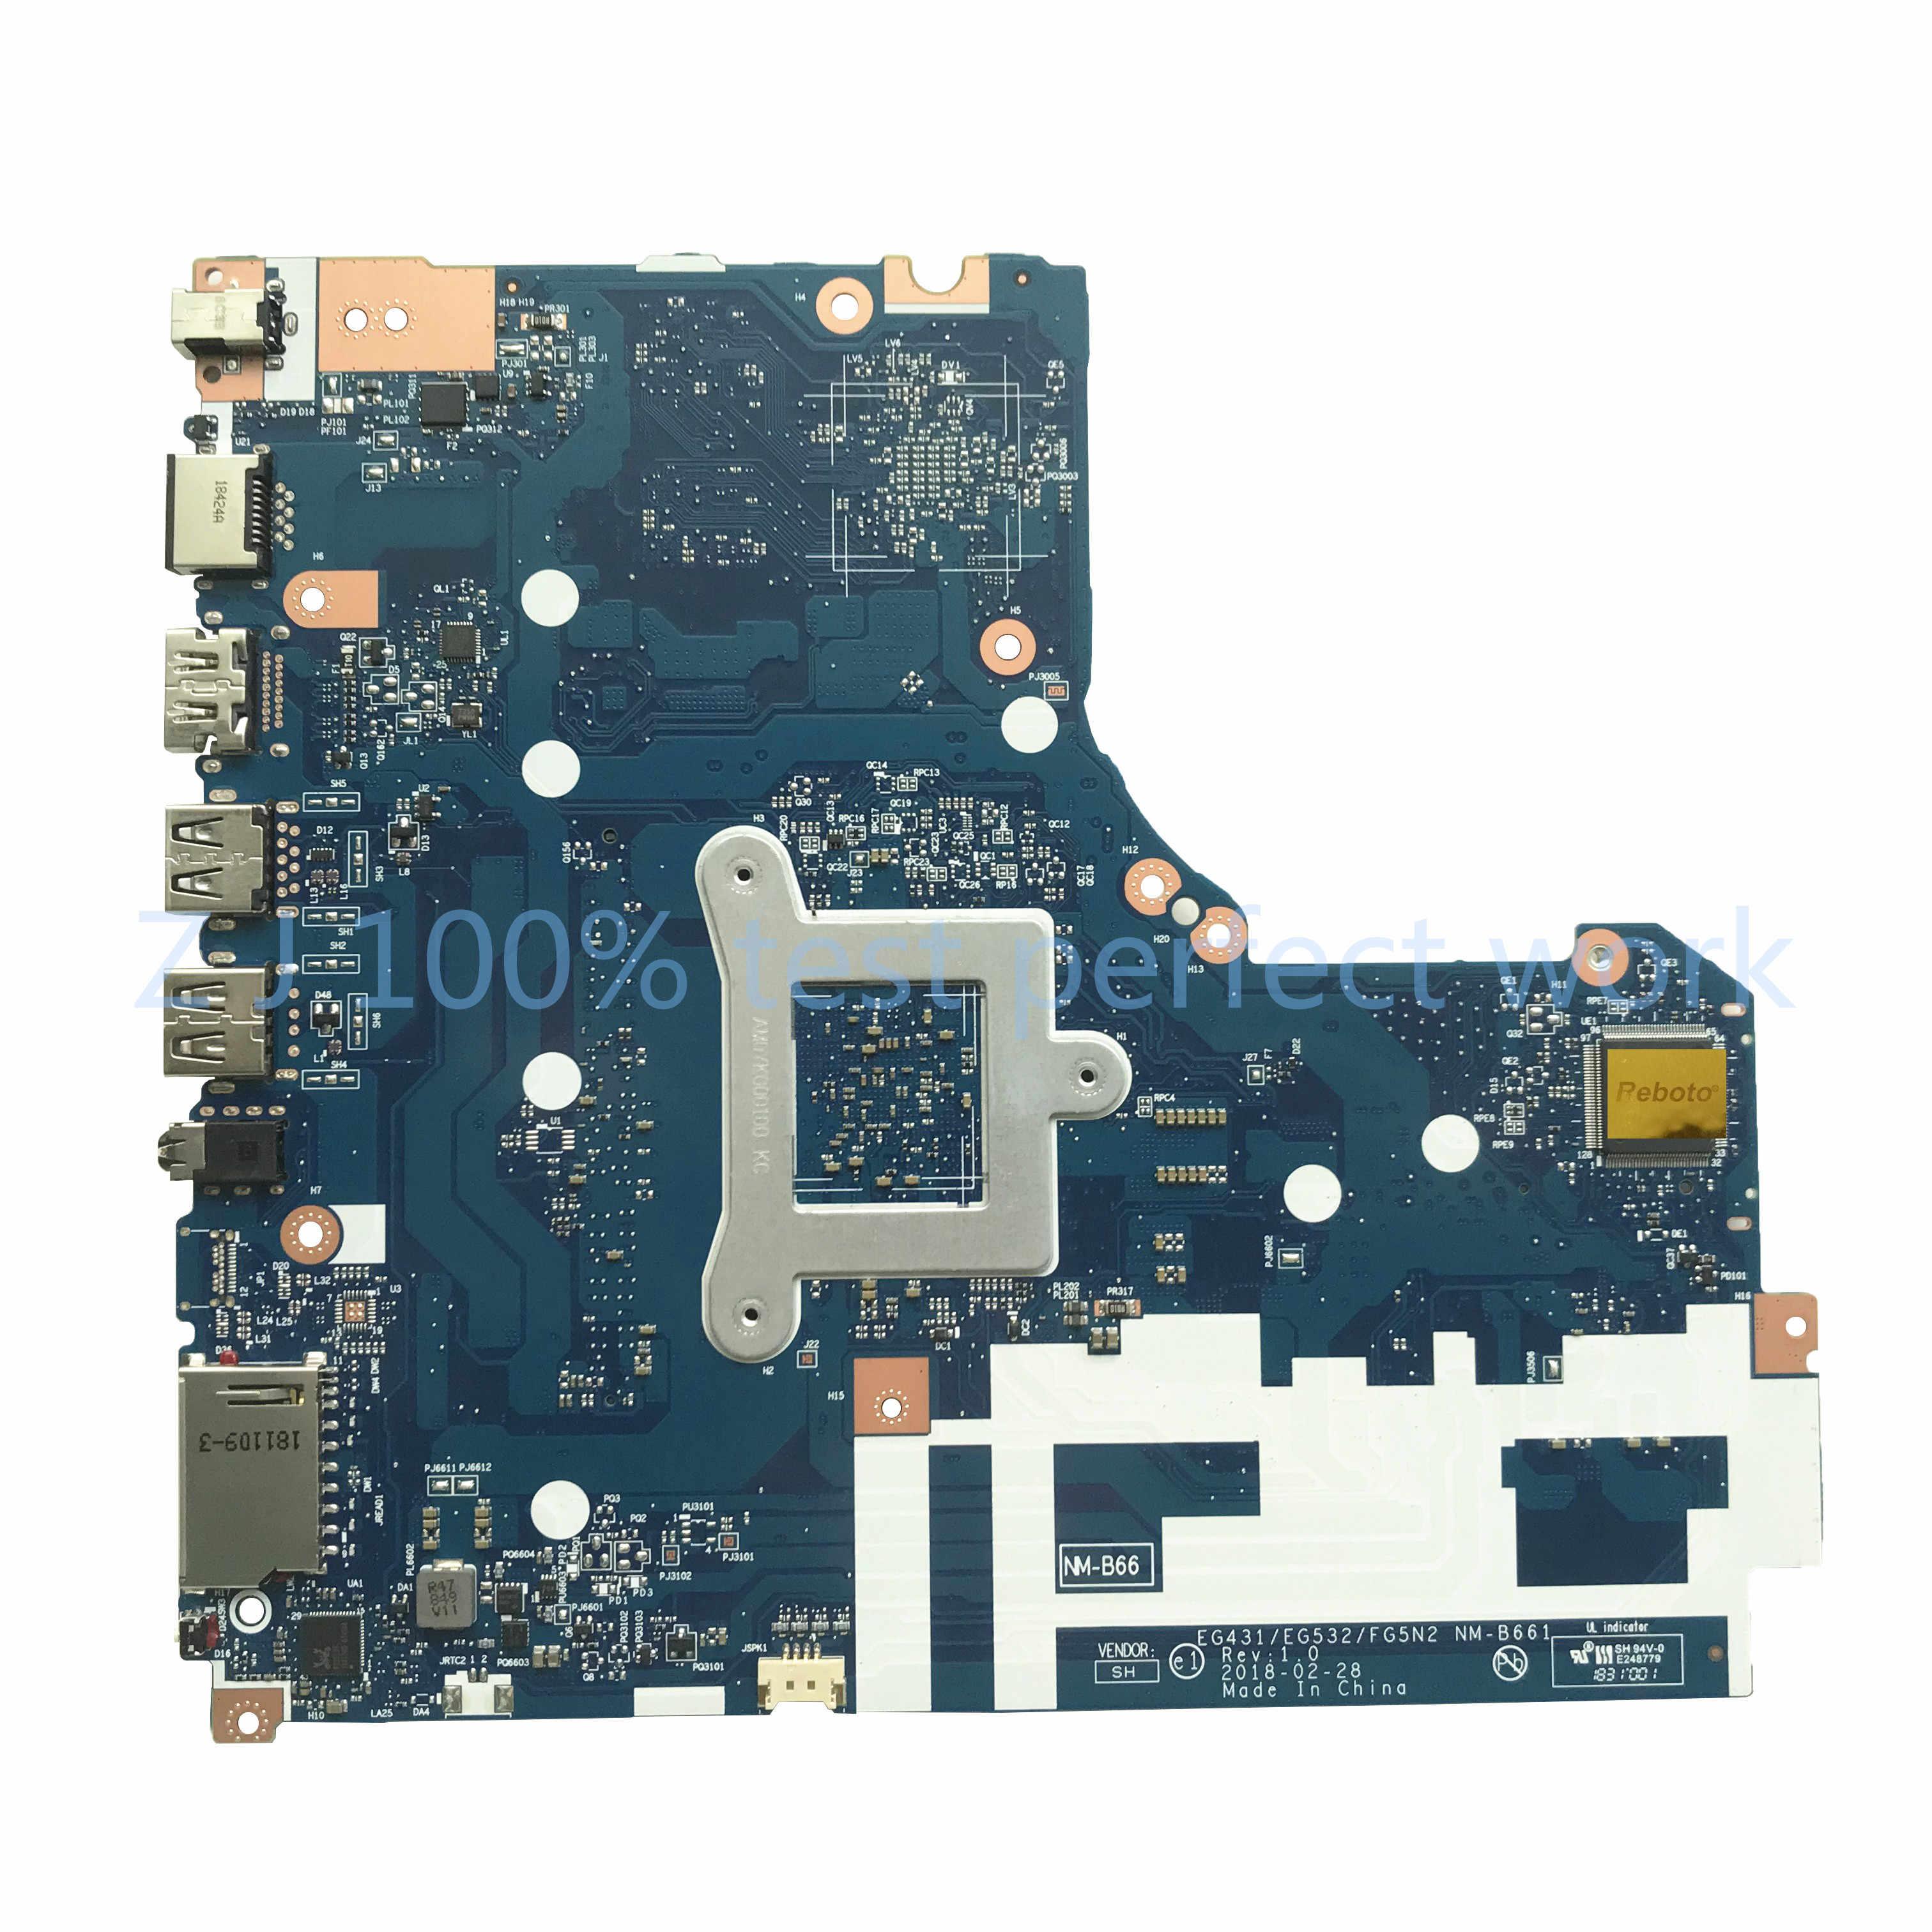 لينوفو IdeaPad 330-15 330-15IGM اللوحة المحمول EG431/EG532 NM-B661 DDR4 100% اختبار سريع السفينة